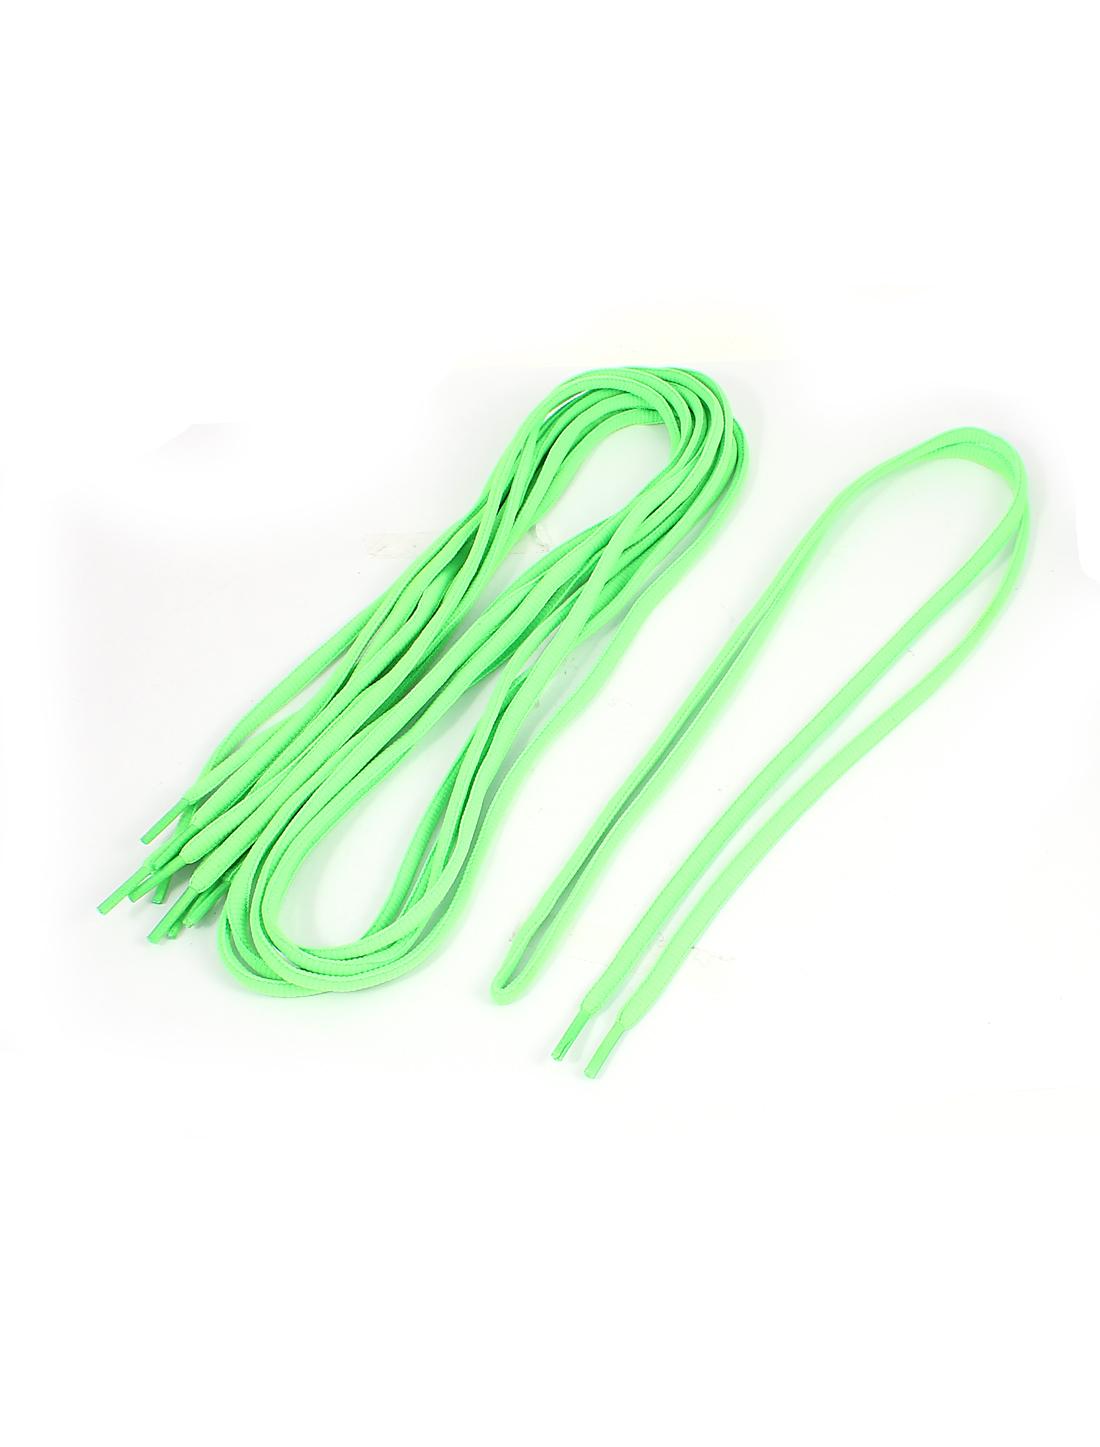 Athletic Sports Sneaker Shoelace Strings Dark Green 3 Pairs